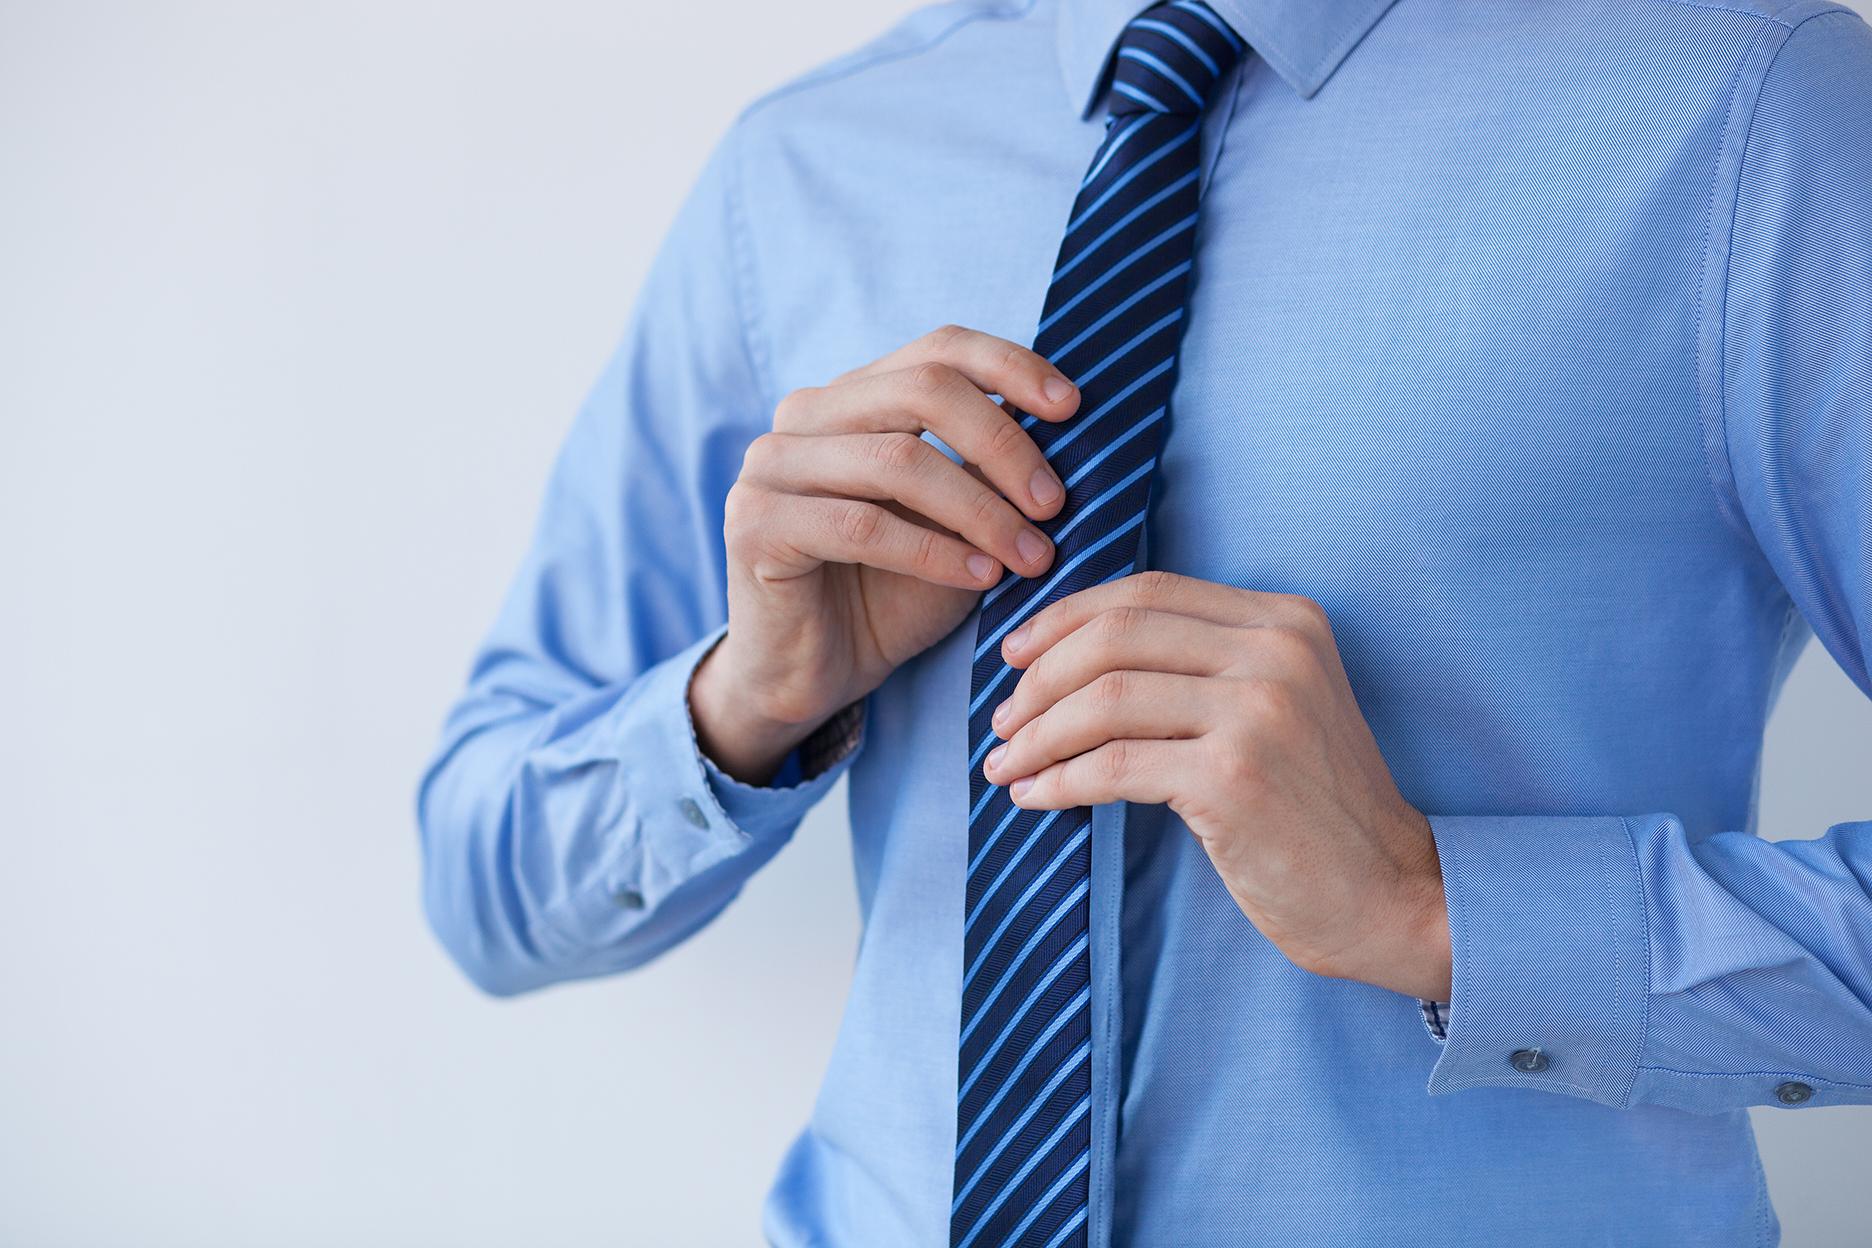 Błękitna koszula – z czym ją łączyć? » Blog o modzie męskiej